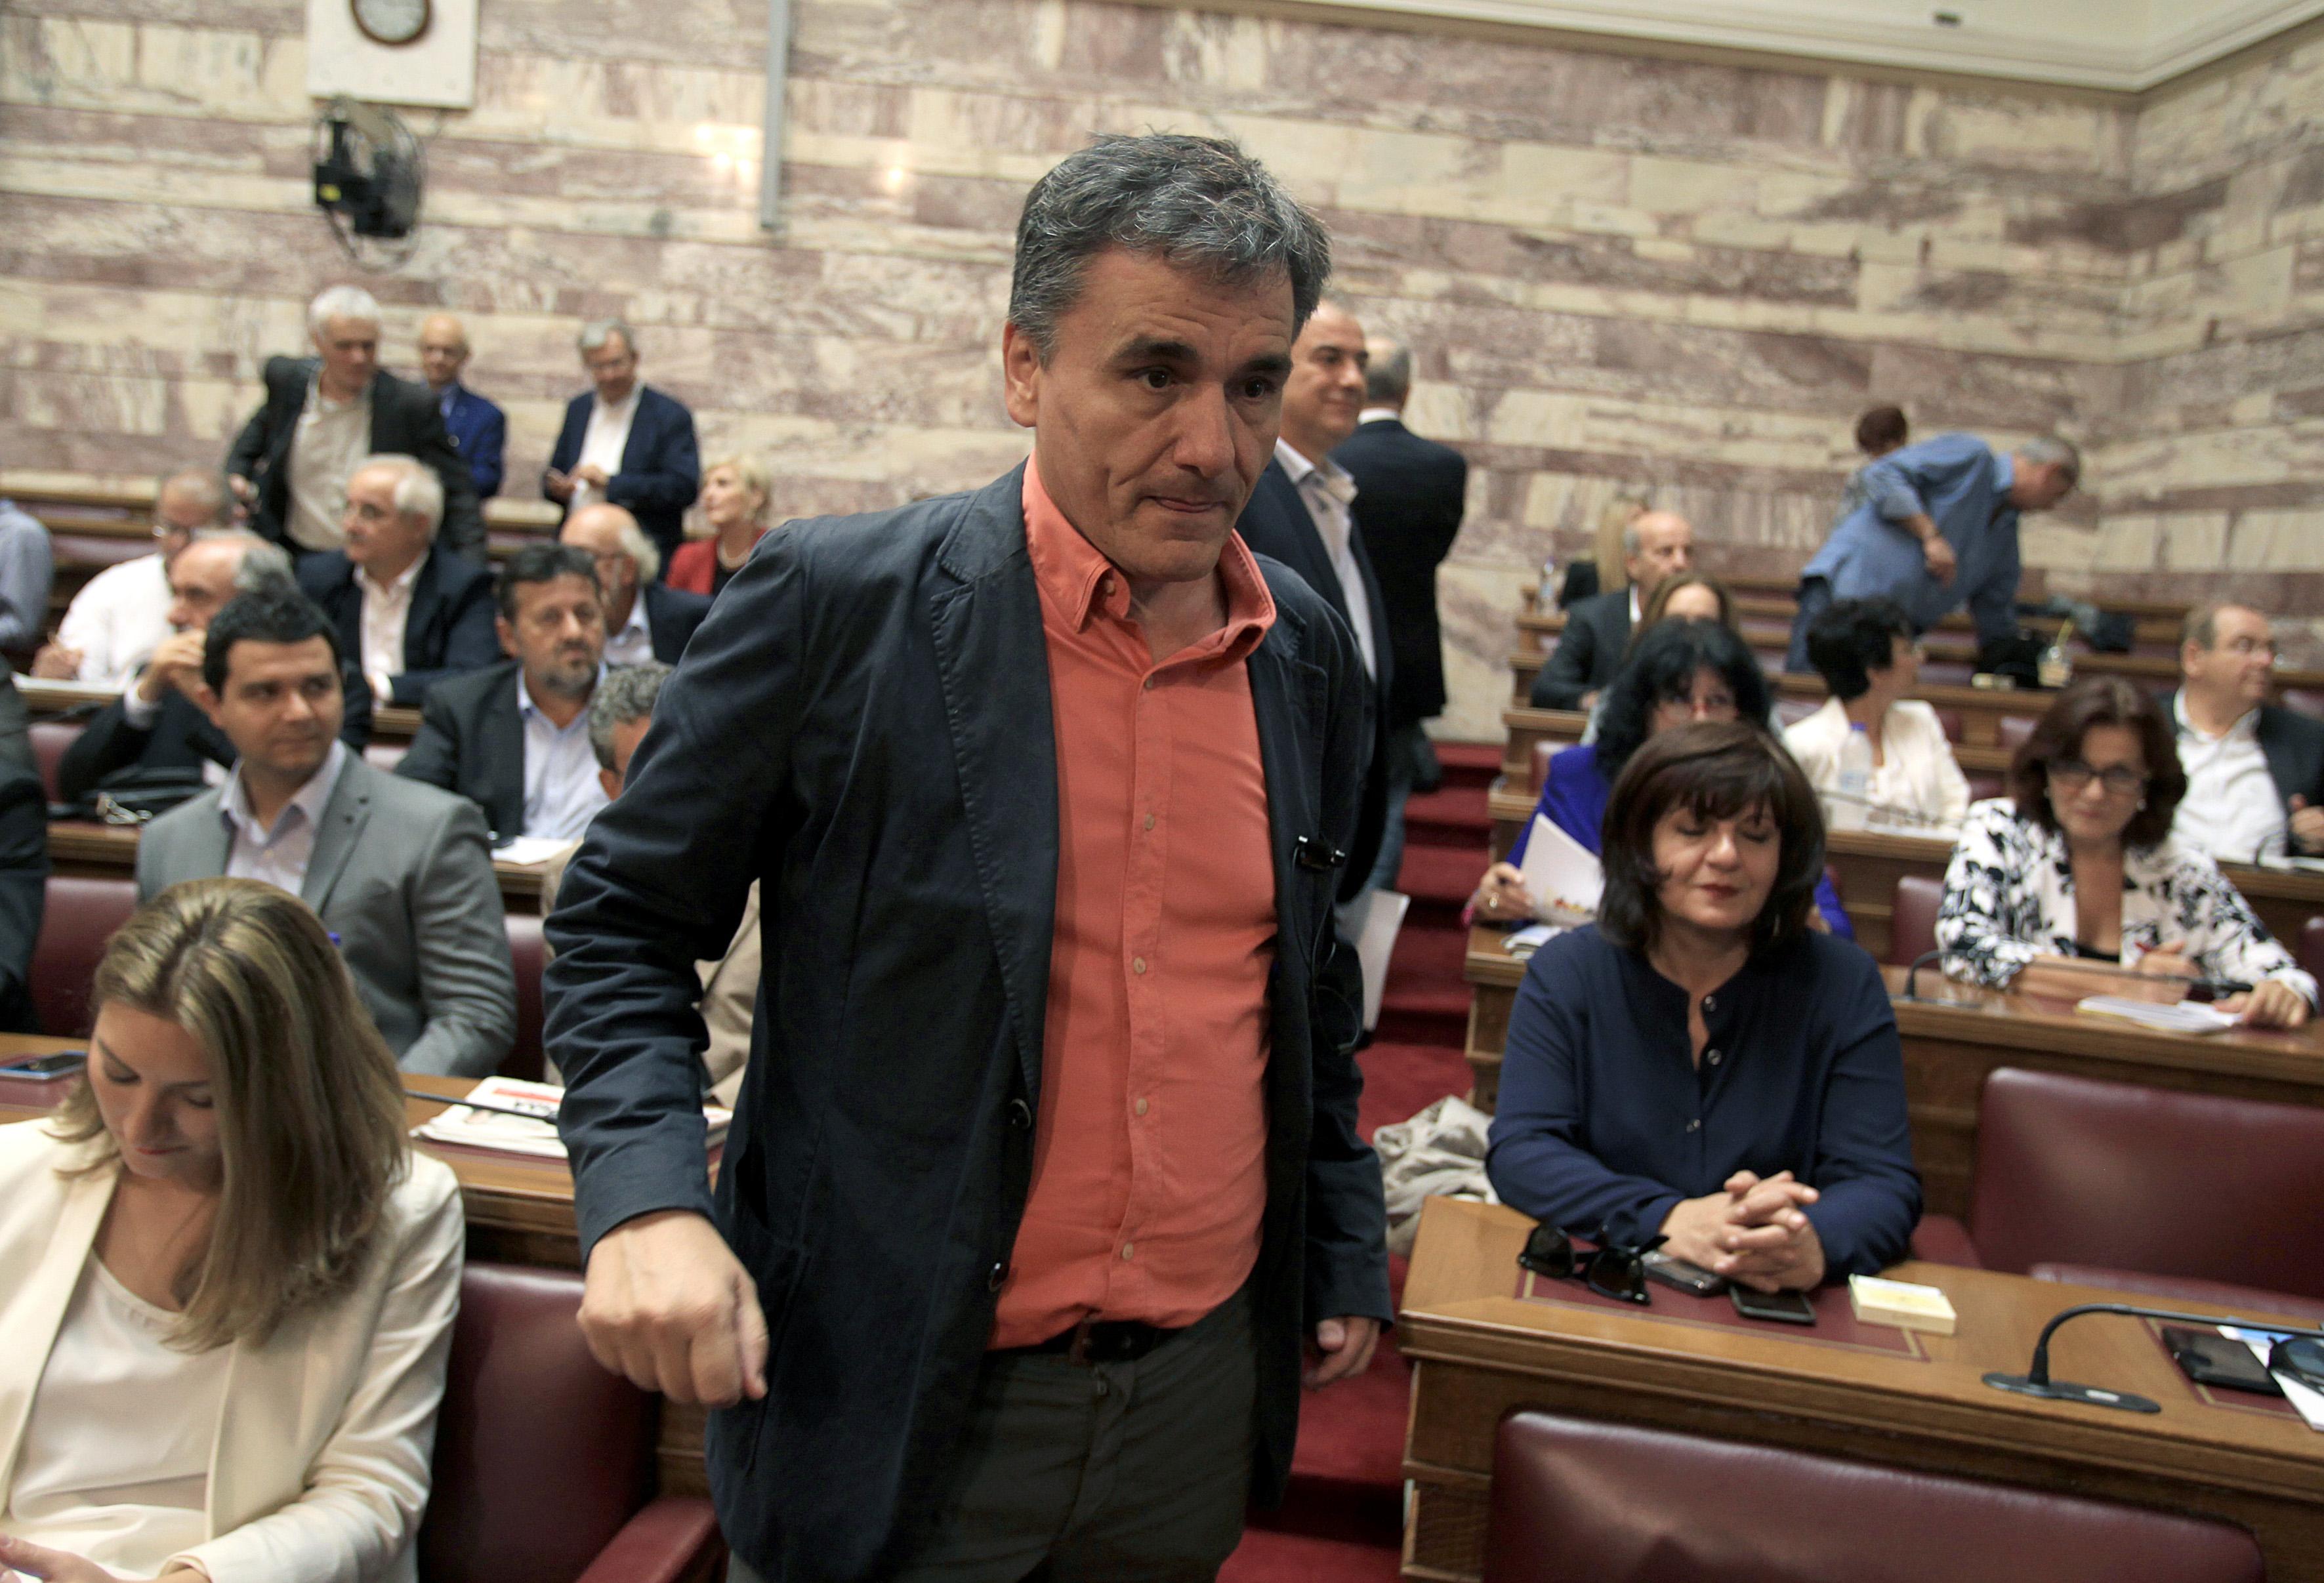 Συνεδρίασε η Κοινοβουλευτική Ομάδα του ΣΥΡΙΖΑ   tovima.gr